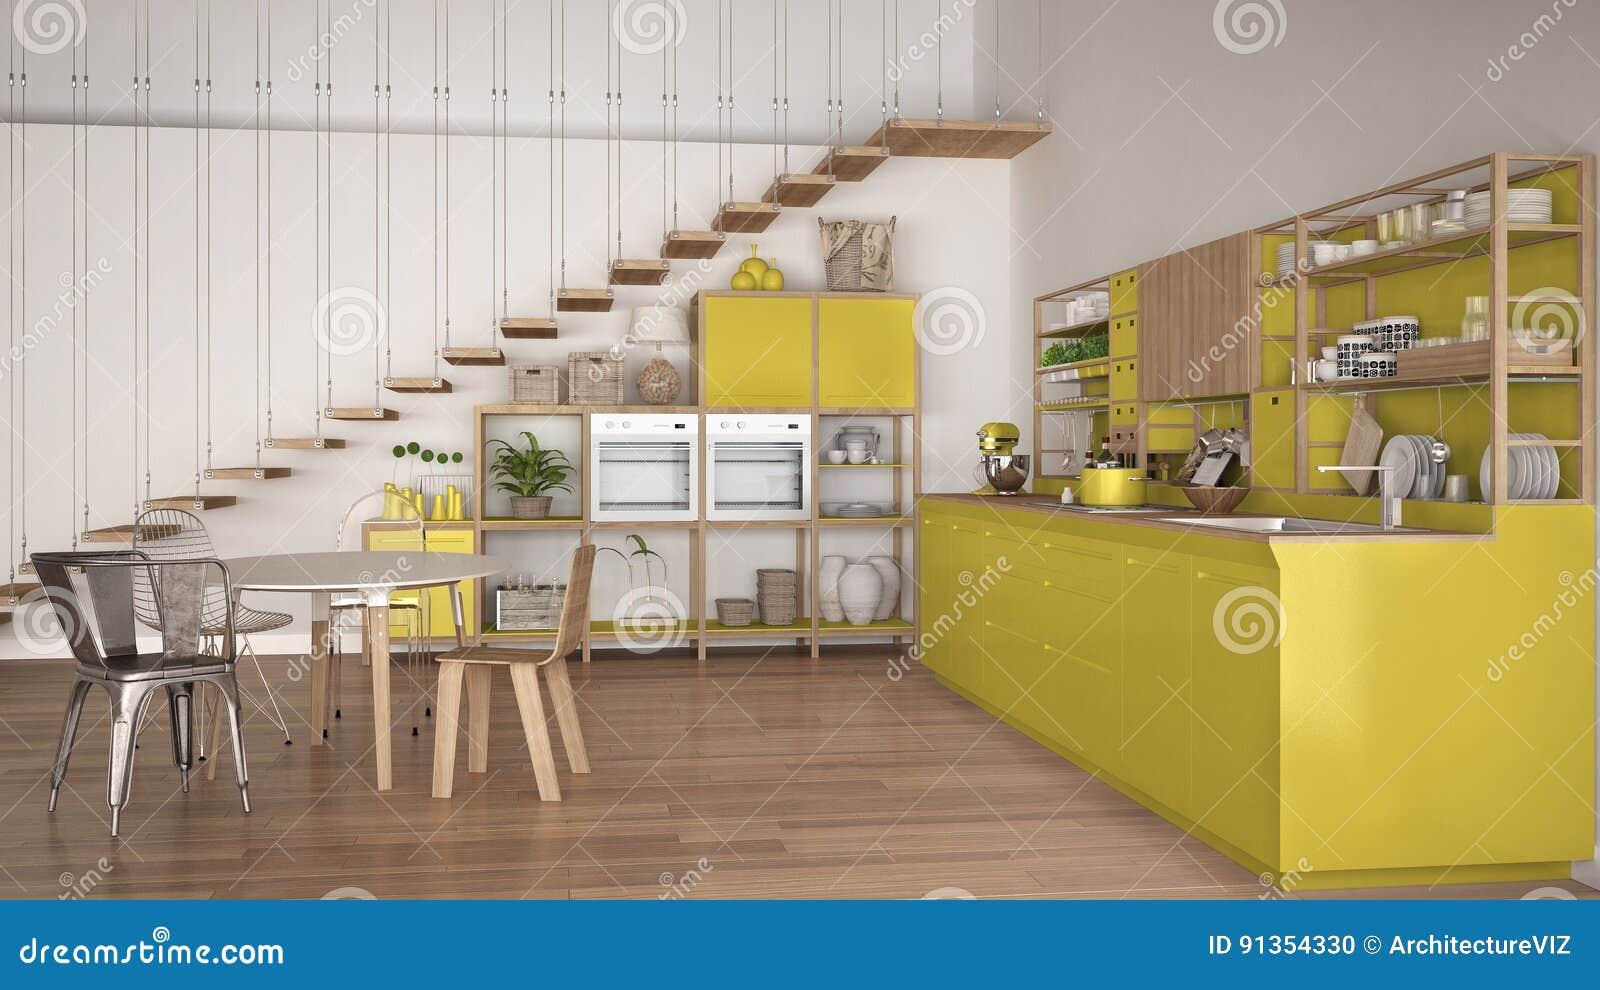 Cuisine En Bois Blanche Et Jaune Minimaliste, Grenier Avec Des Escaliers, Cl